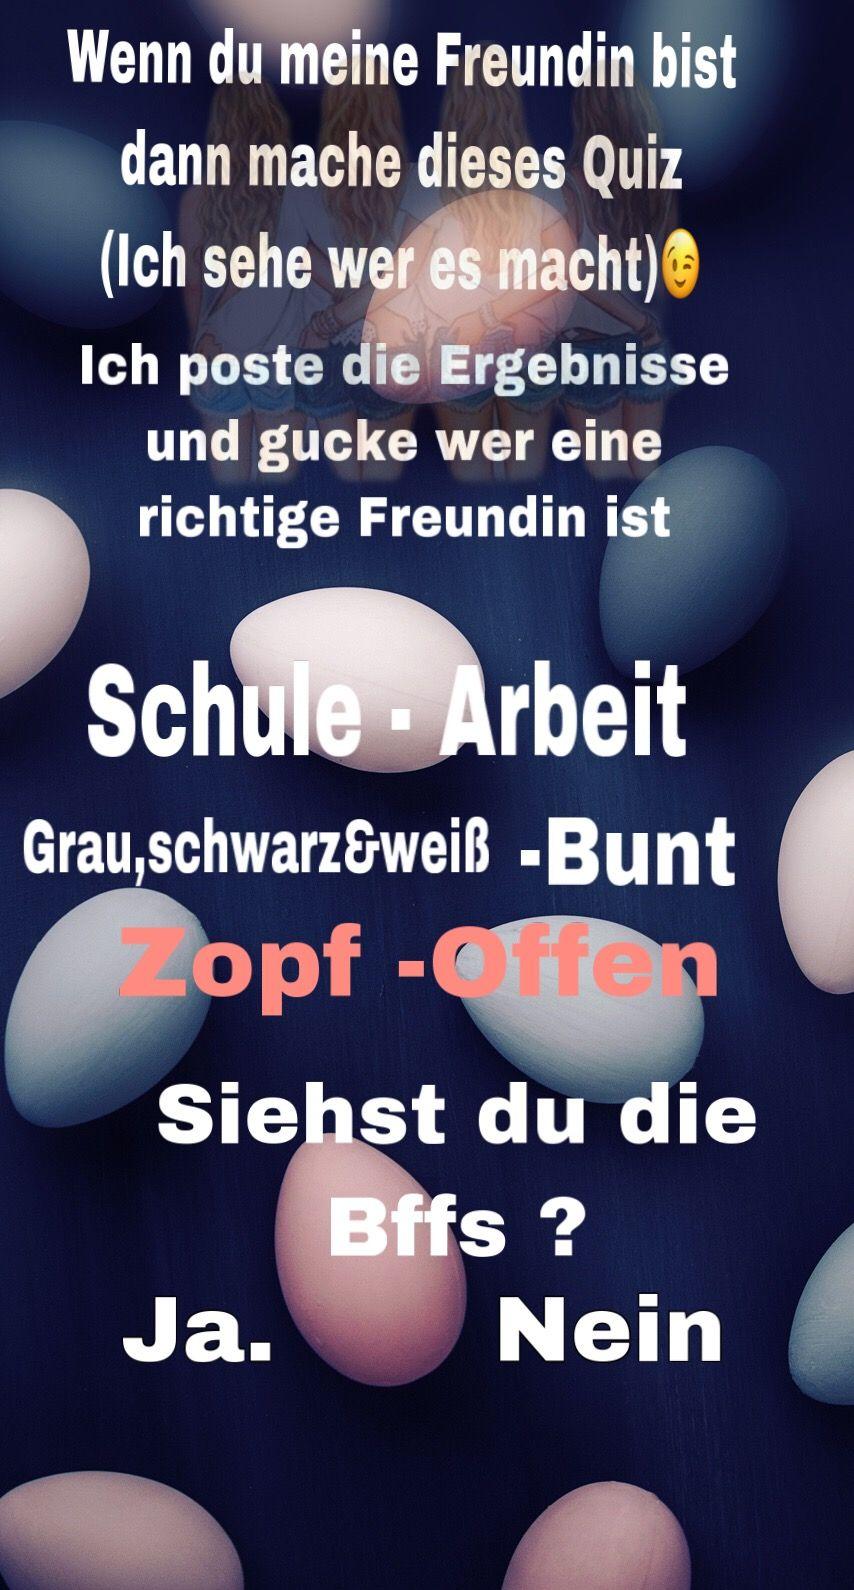 Whatsappstatus Für At Nathalie231 At Sarahlun